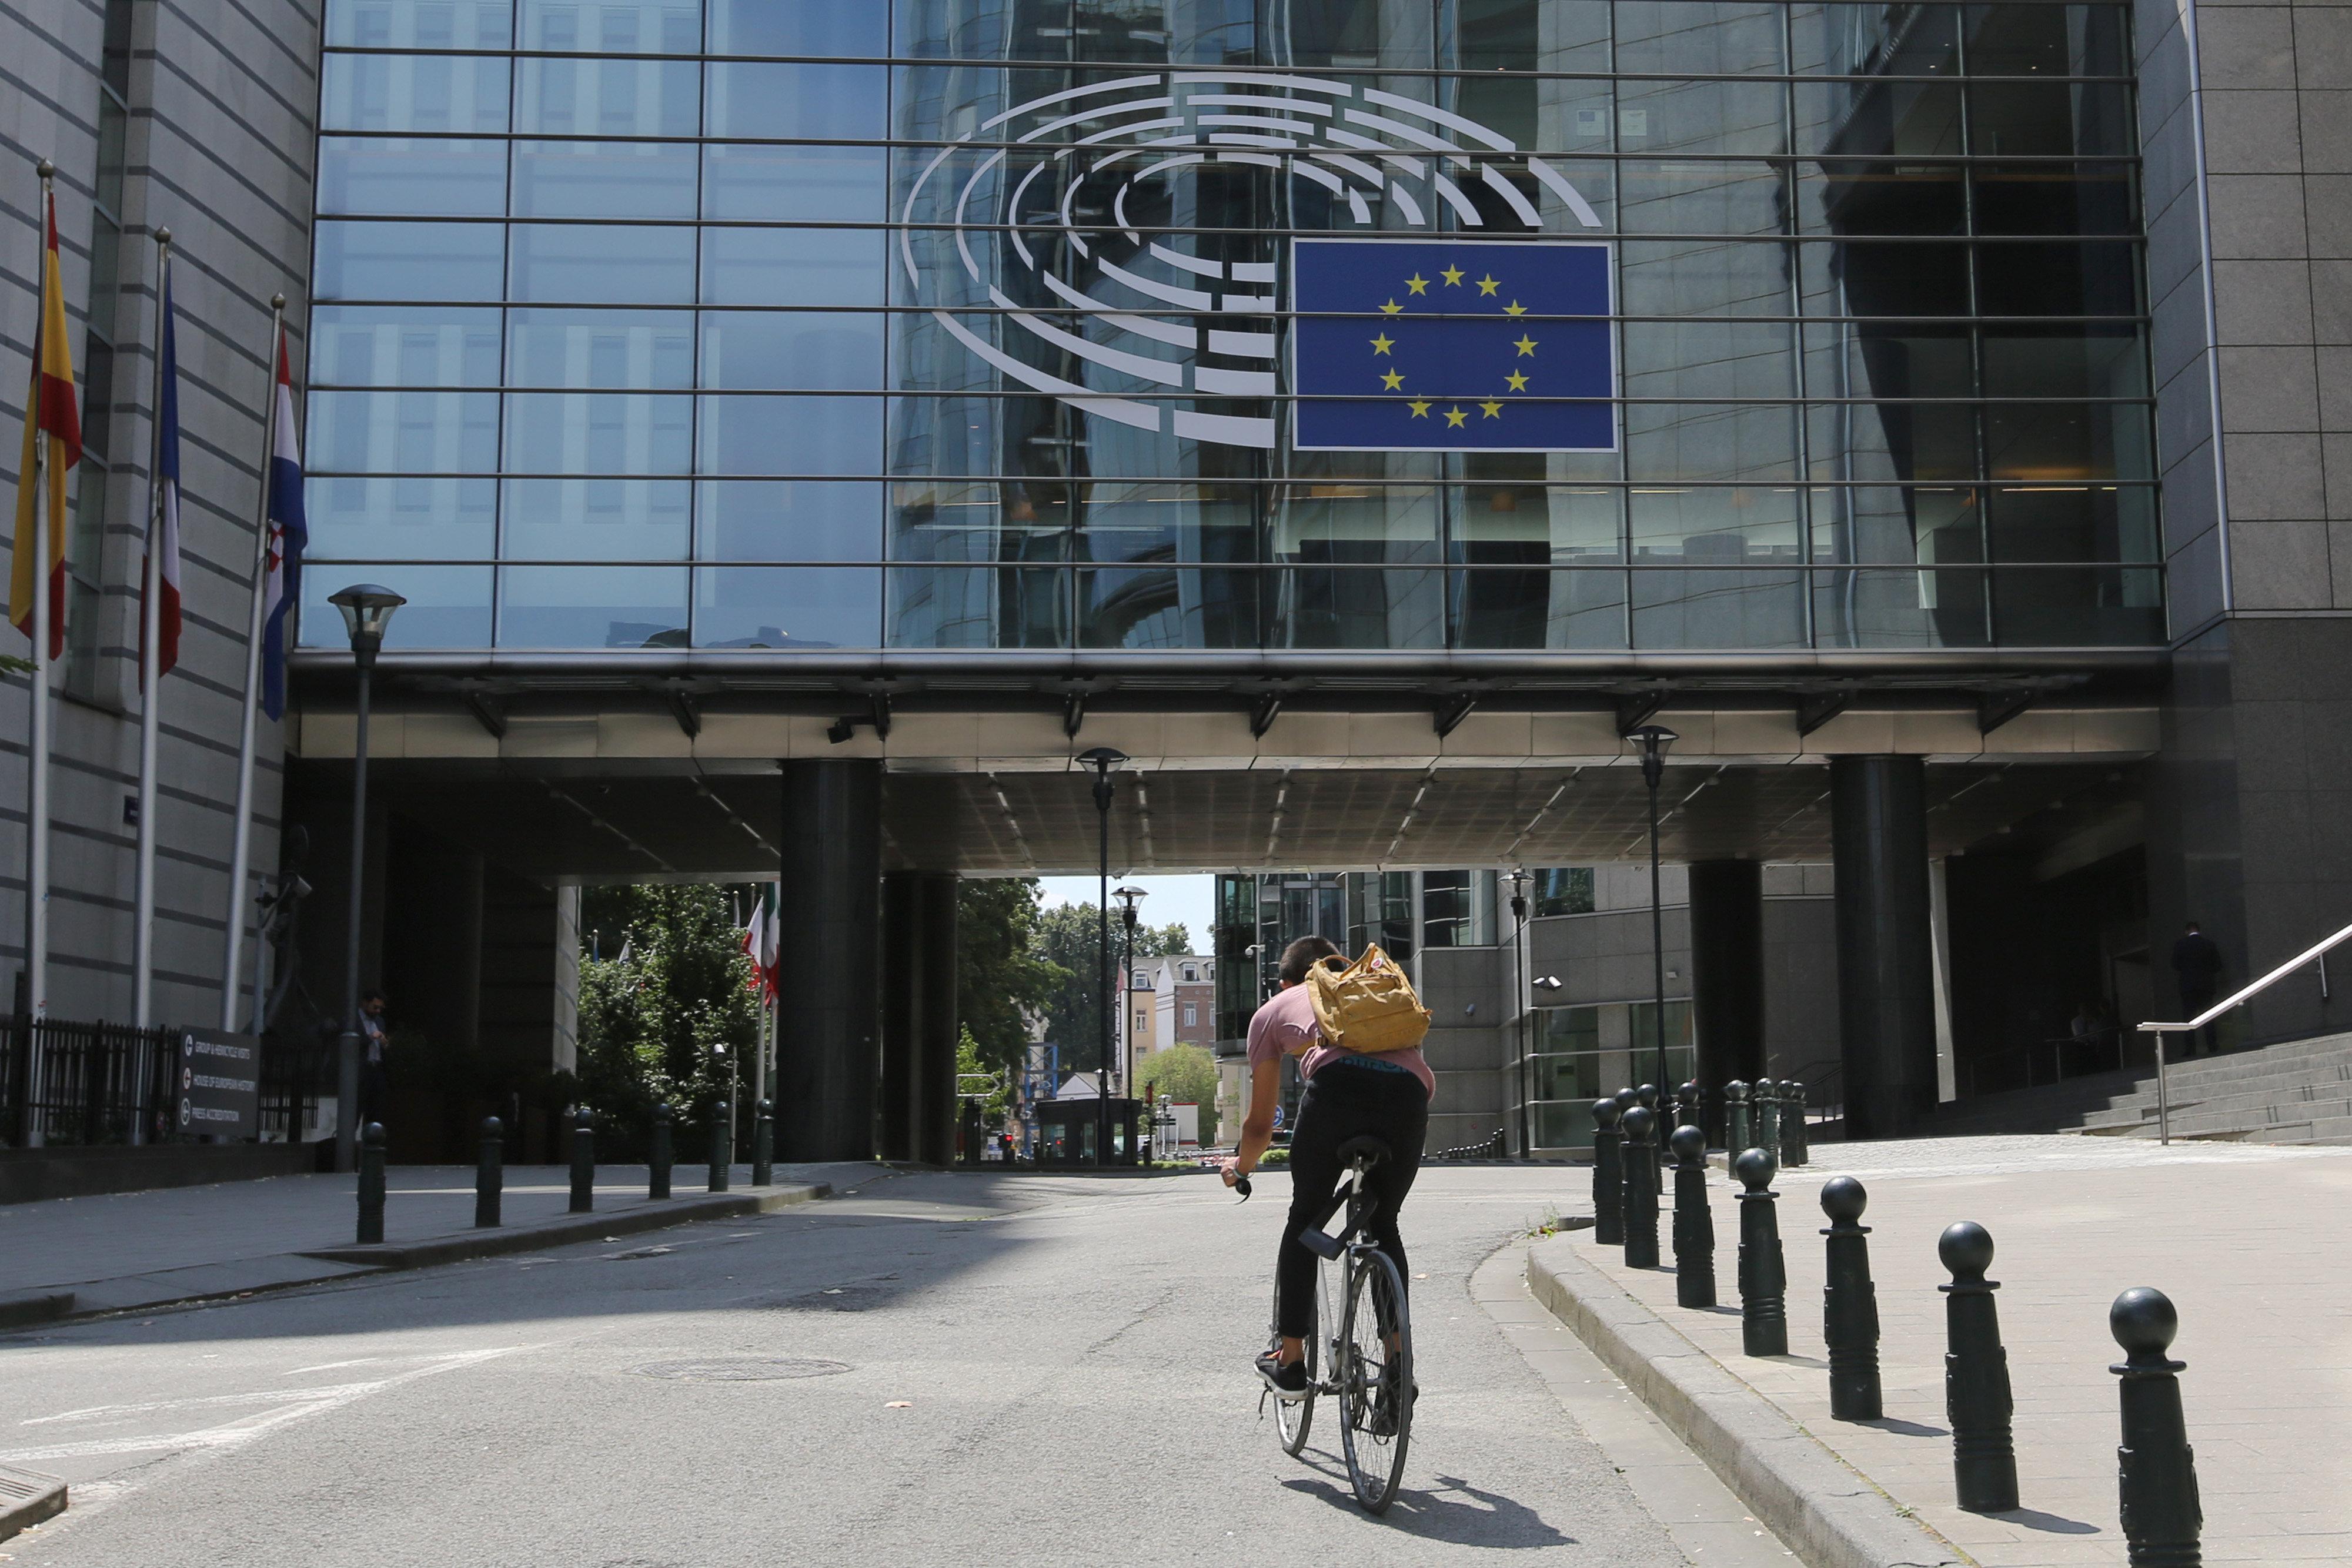 Ευρωομερτά: «Προσωπικό δεδομένο» πού ξοδεύουν οι ευρωβουλευτές 4.000